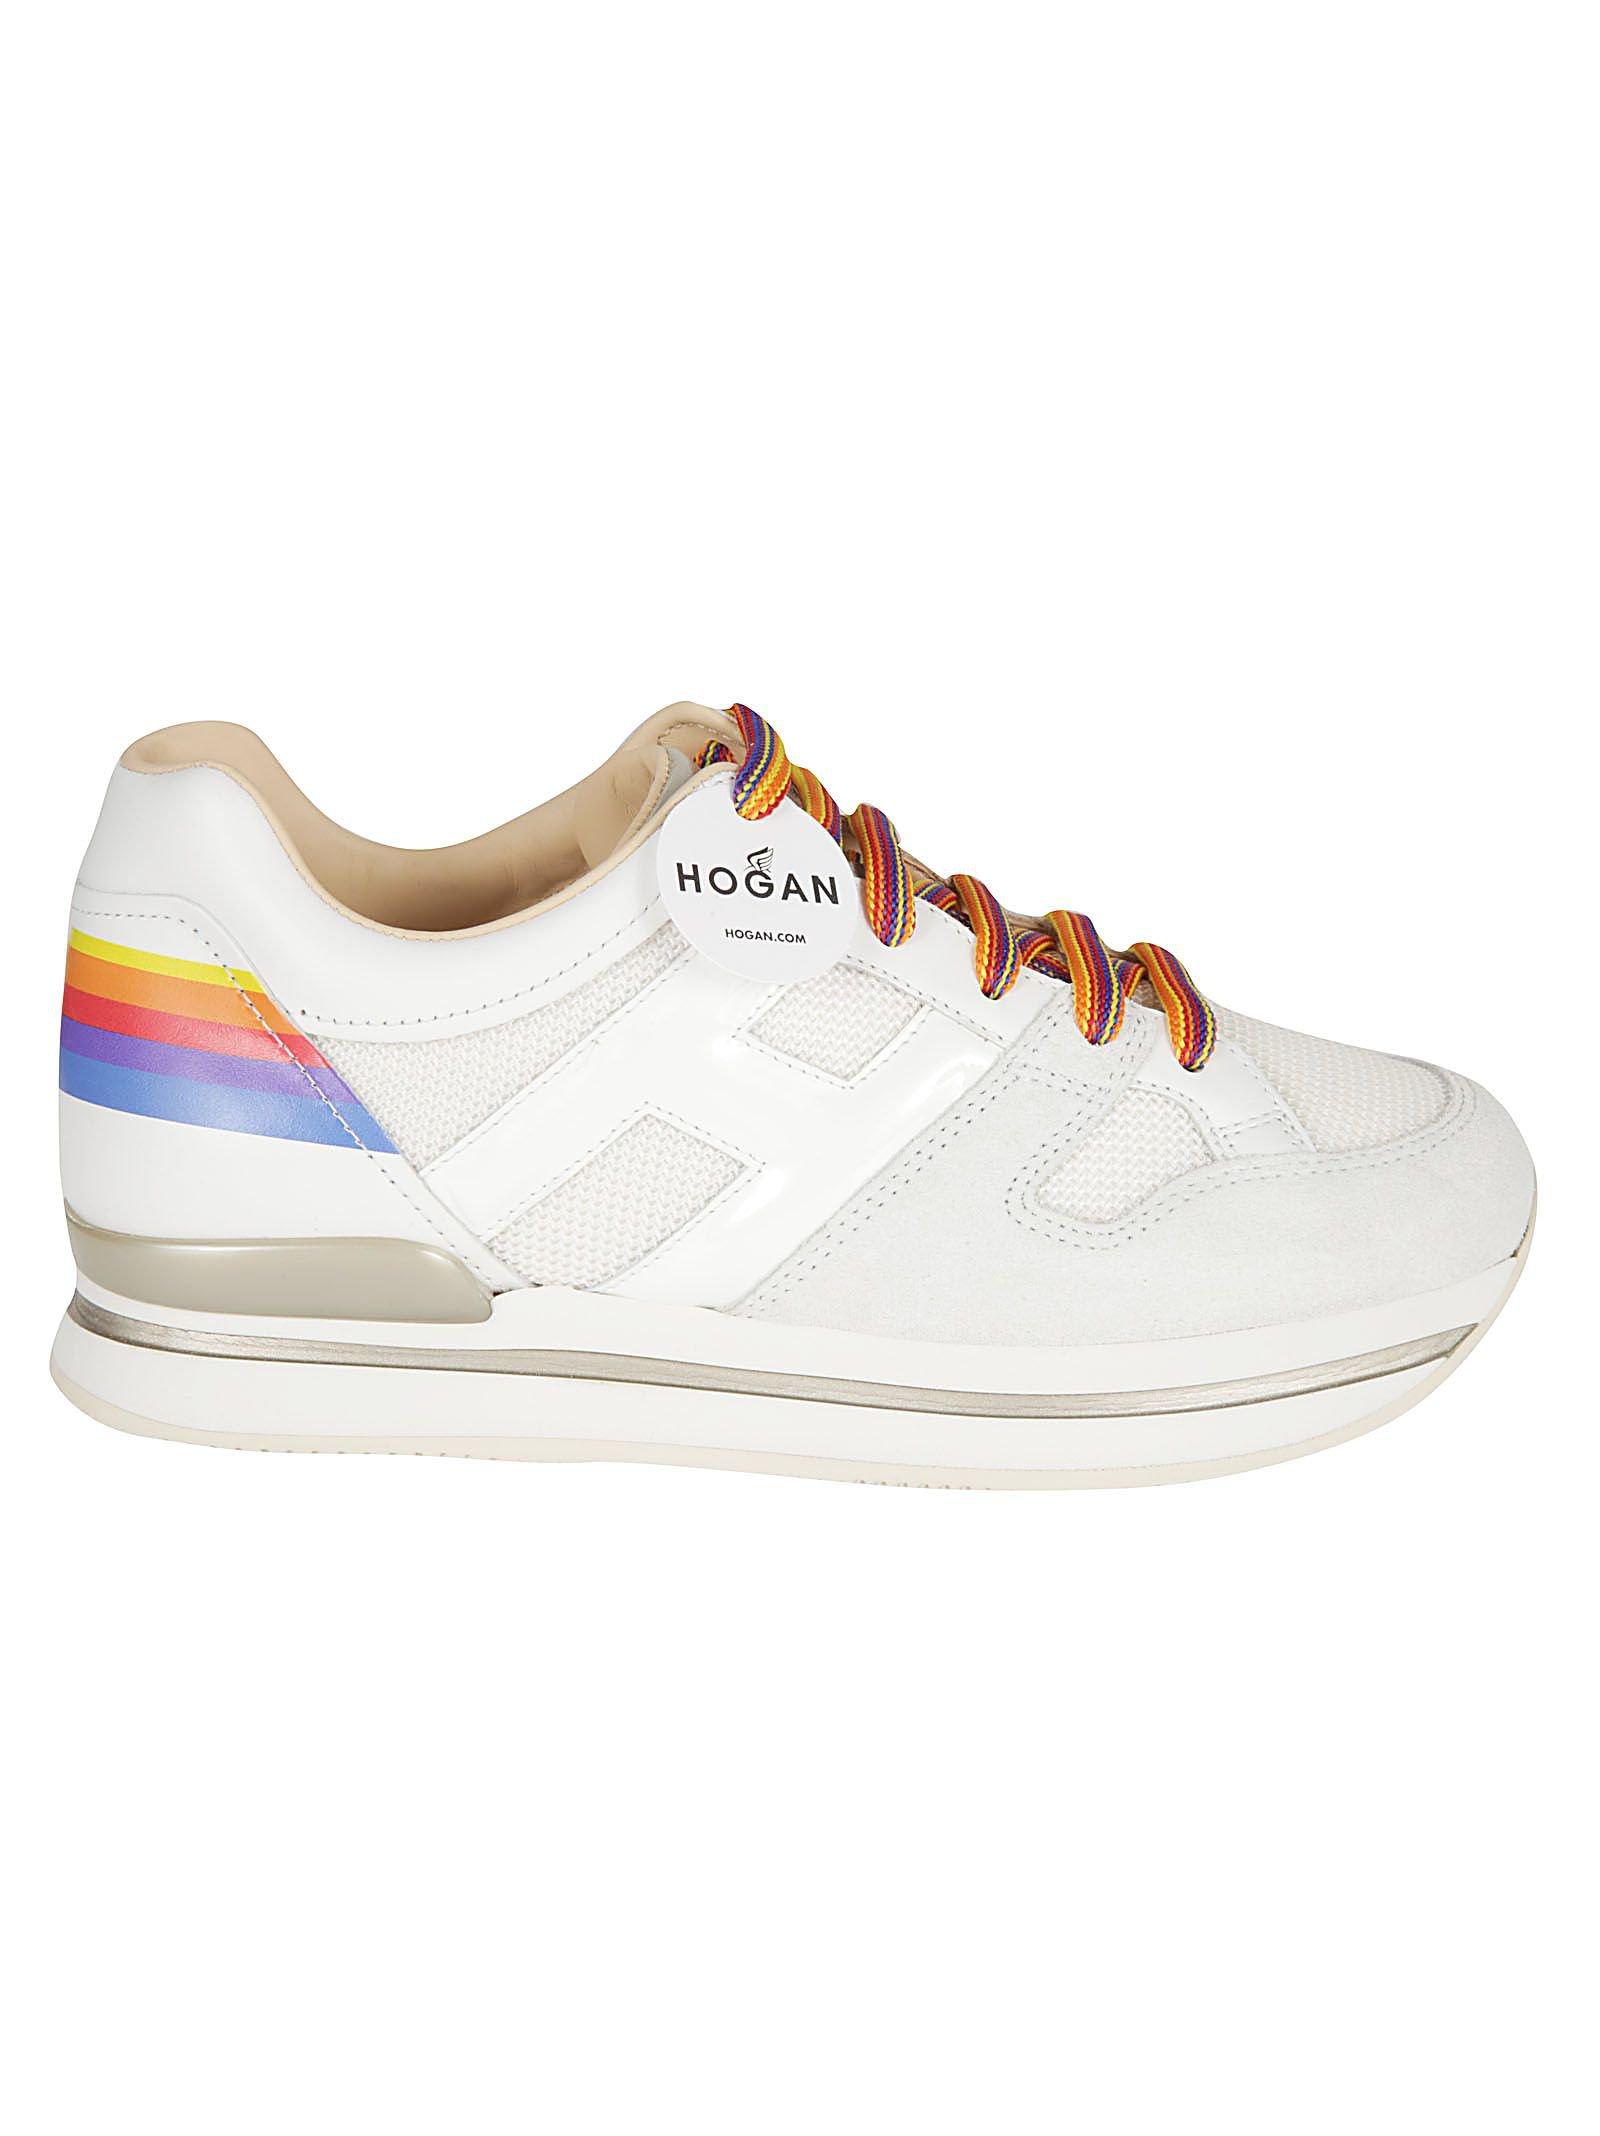 Hogan Rainbow Sneakers